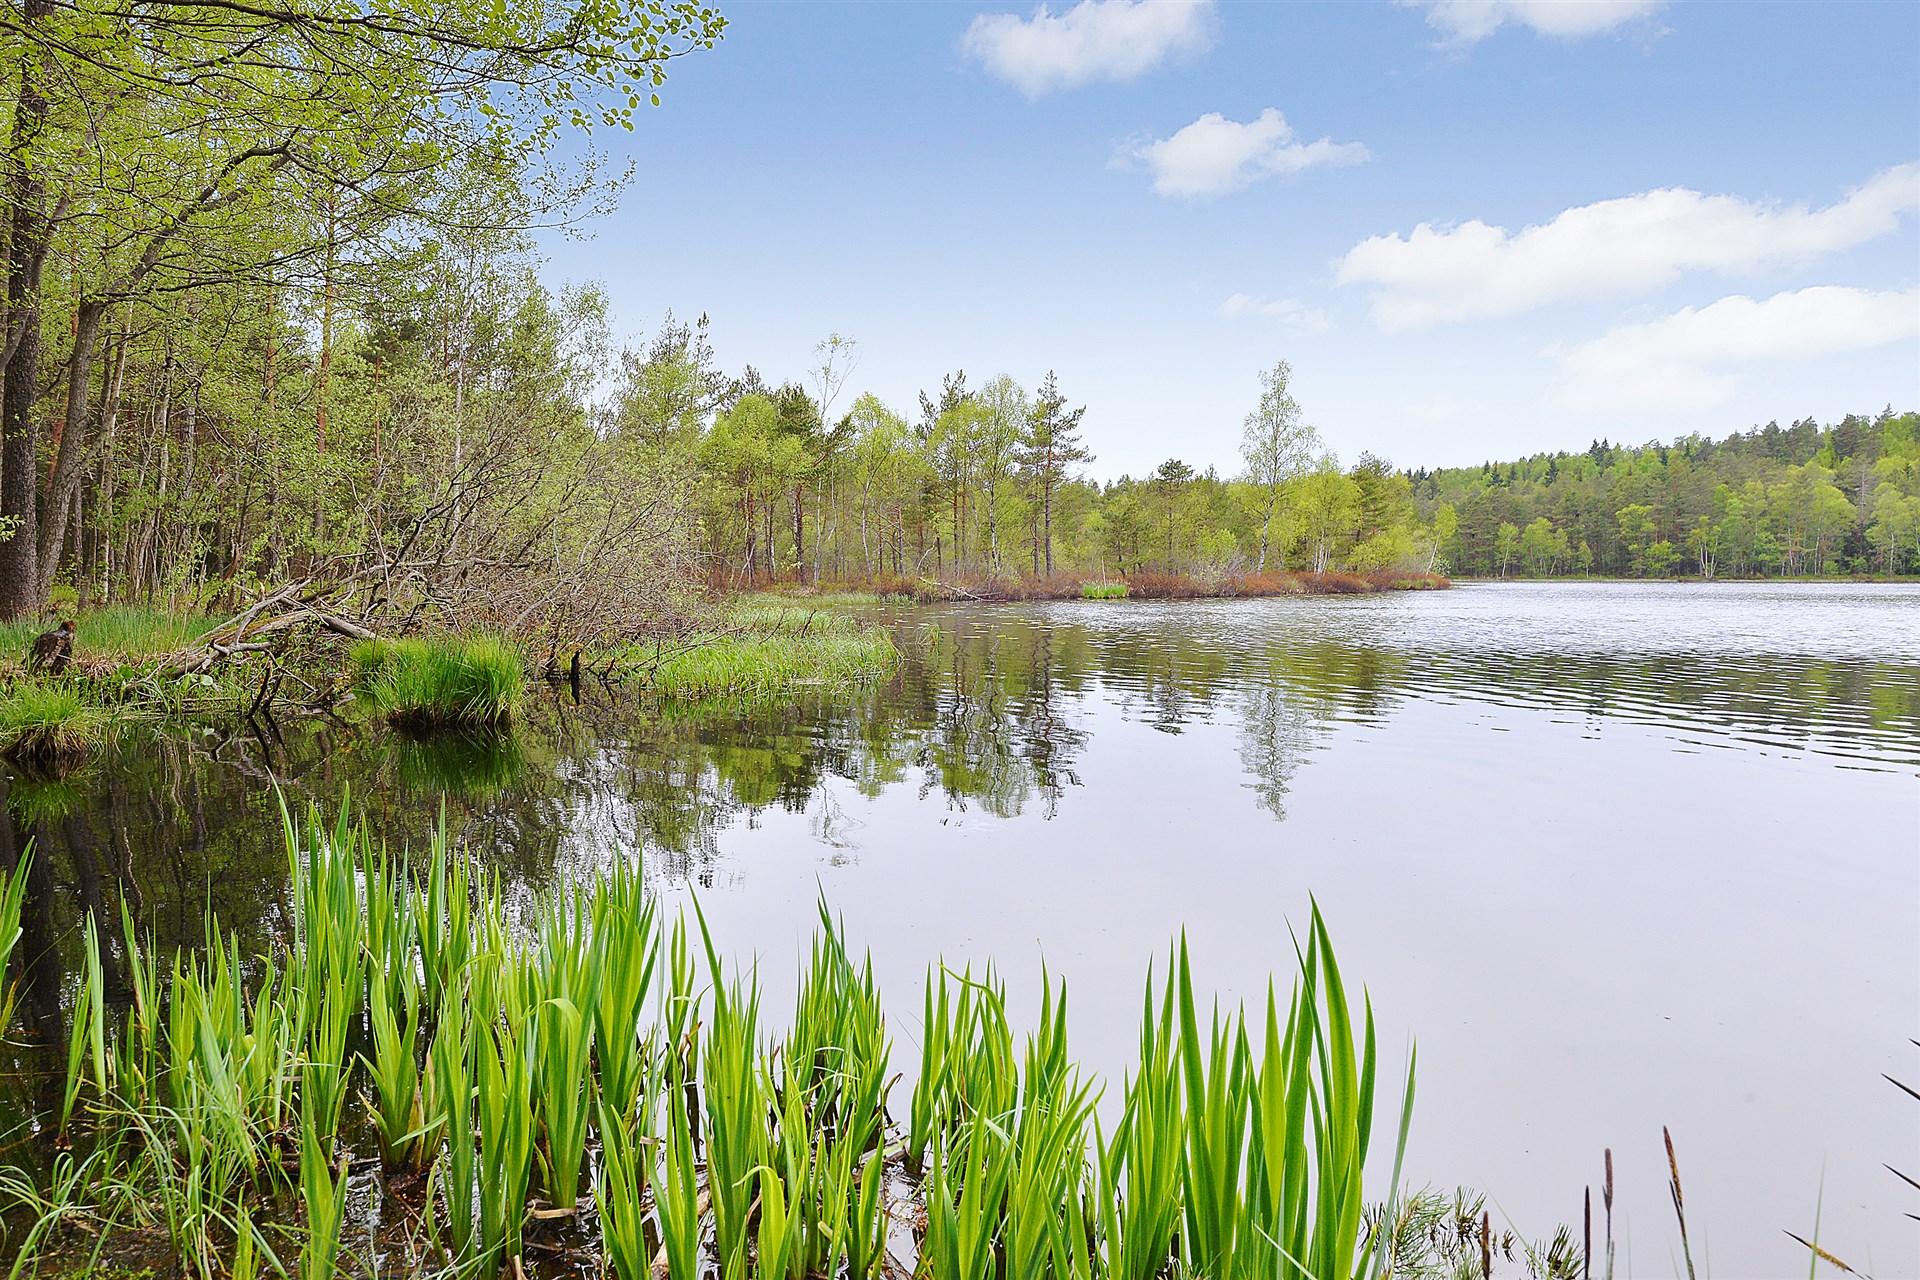 Strålsjön